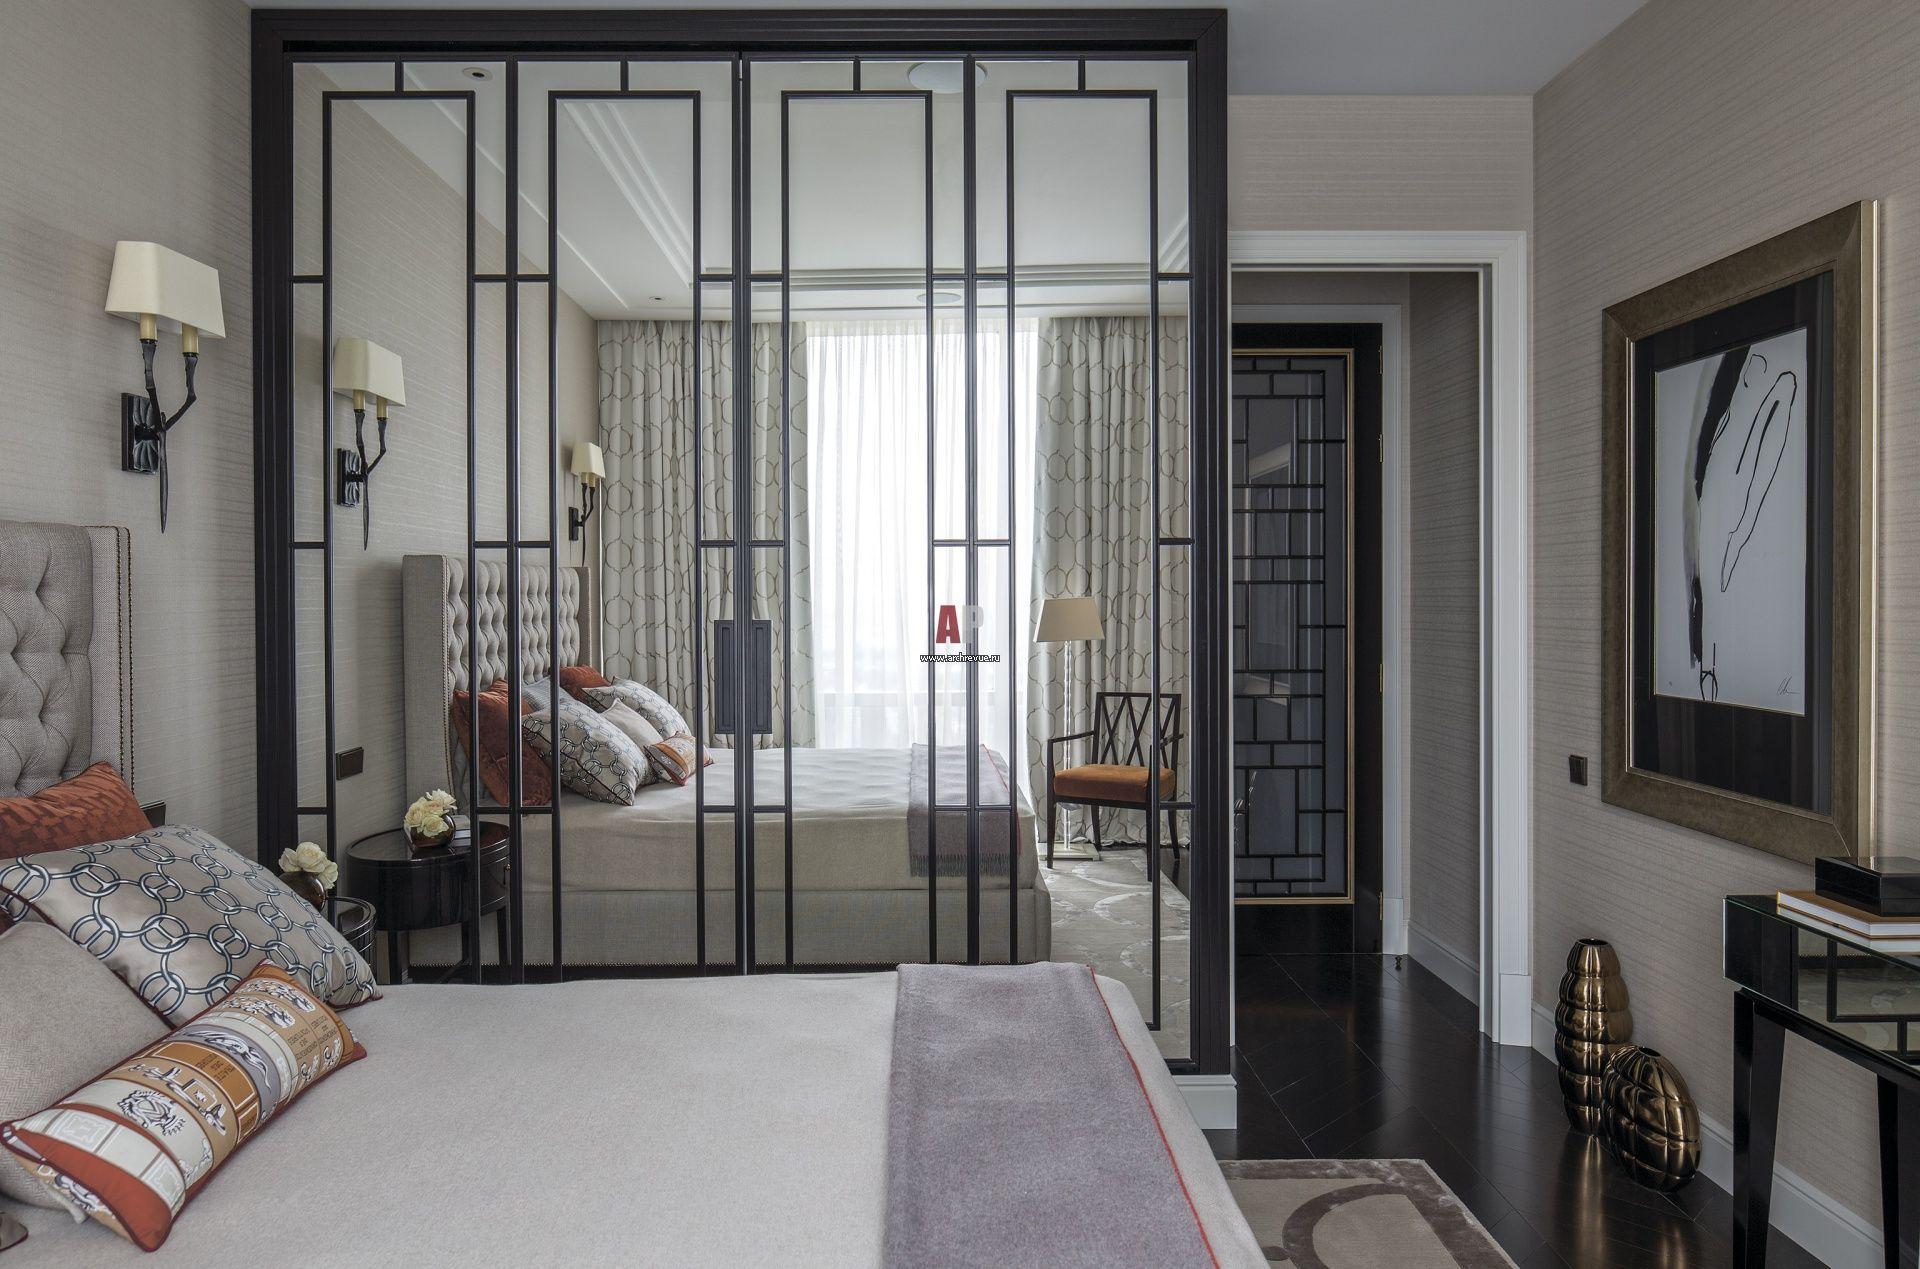 Как выбрать дизайн интерьера спальни и гардеробной в стиле ар-деко?